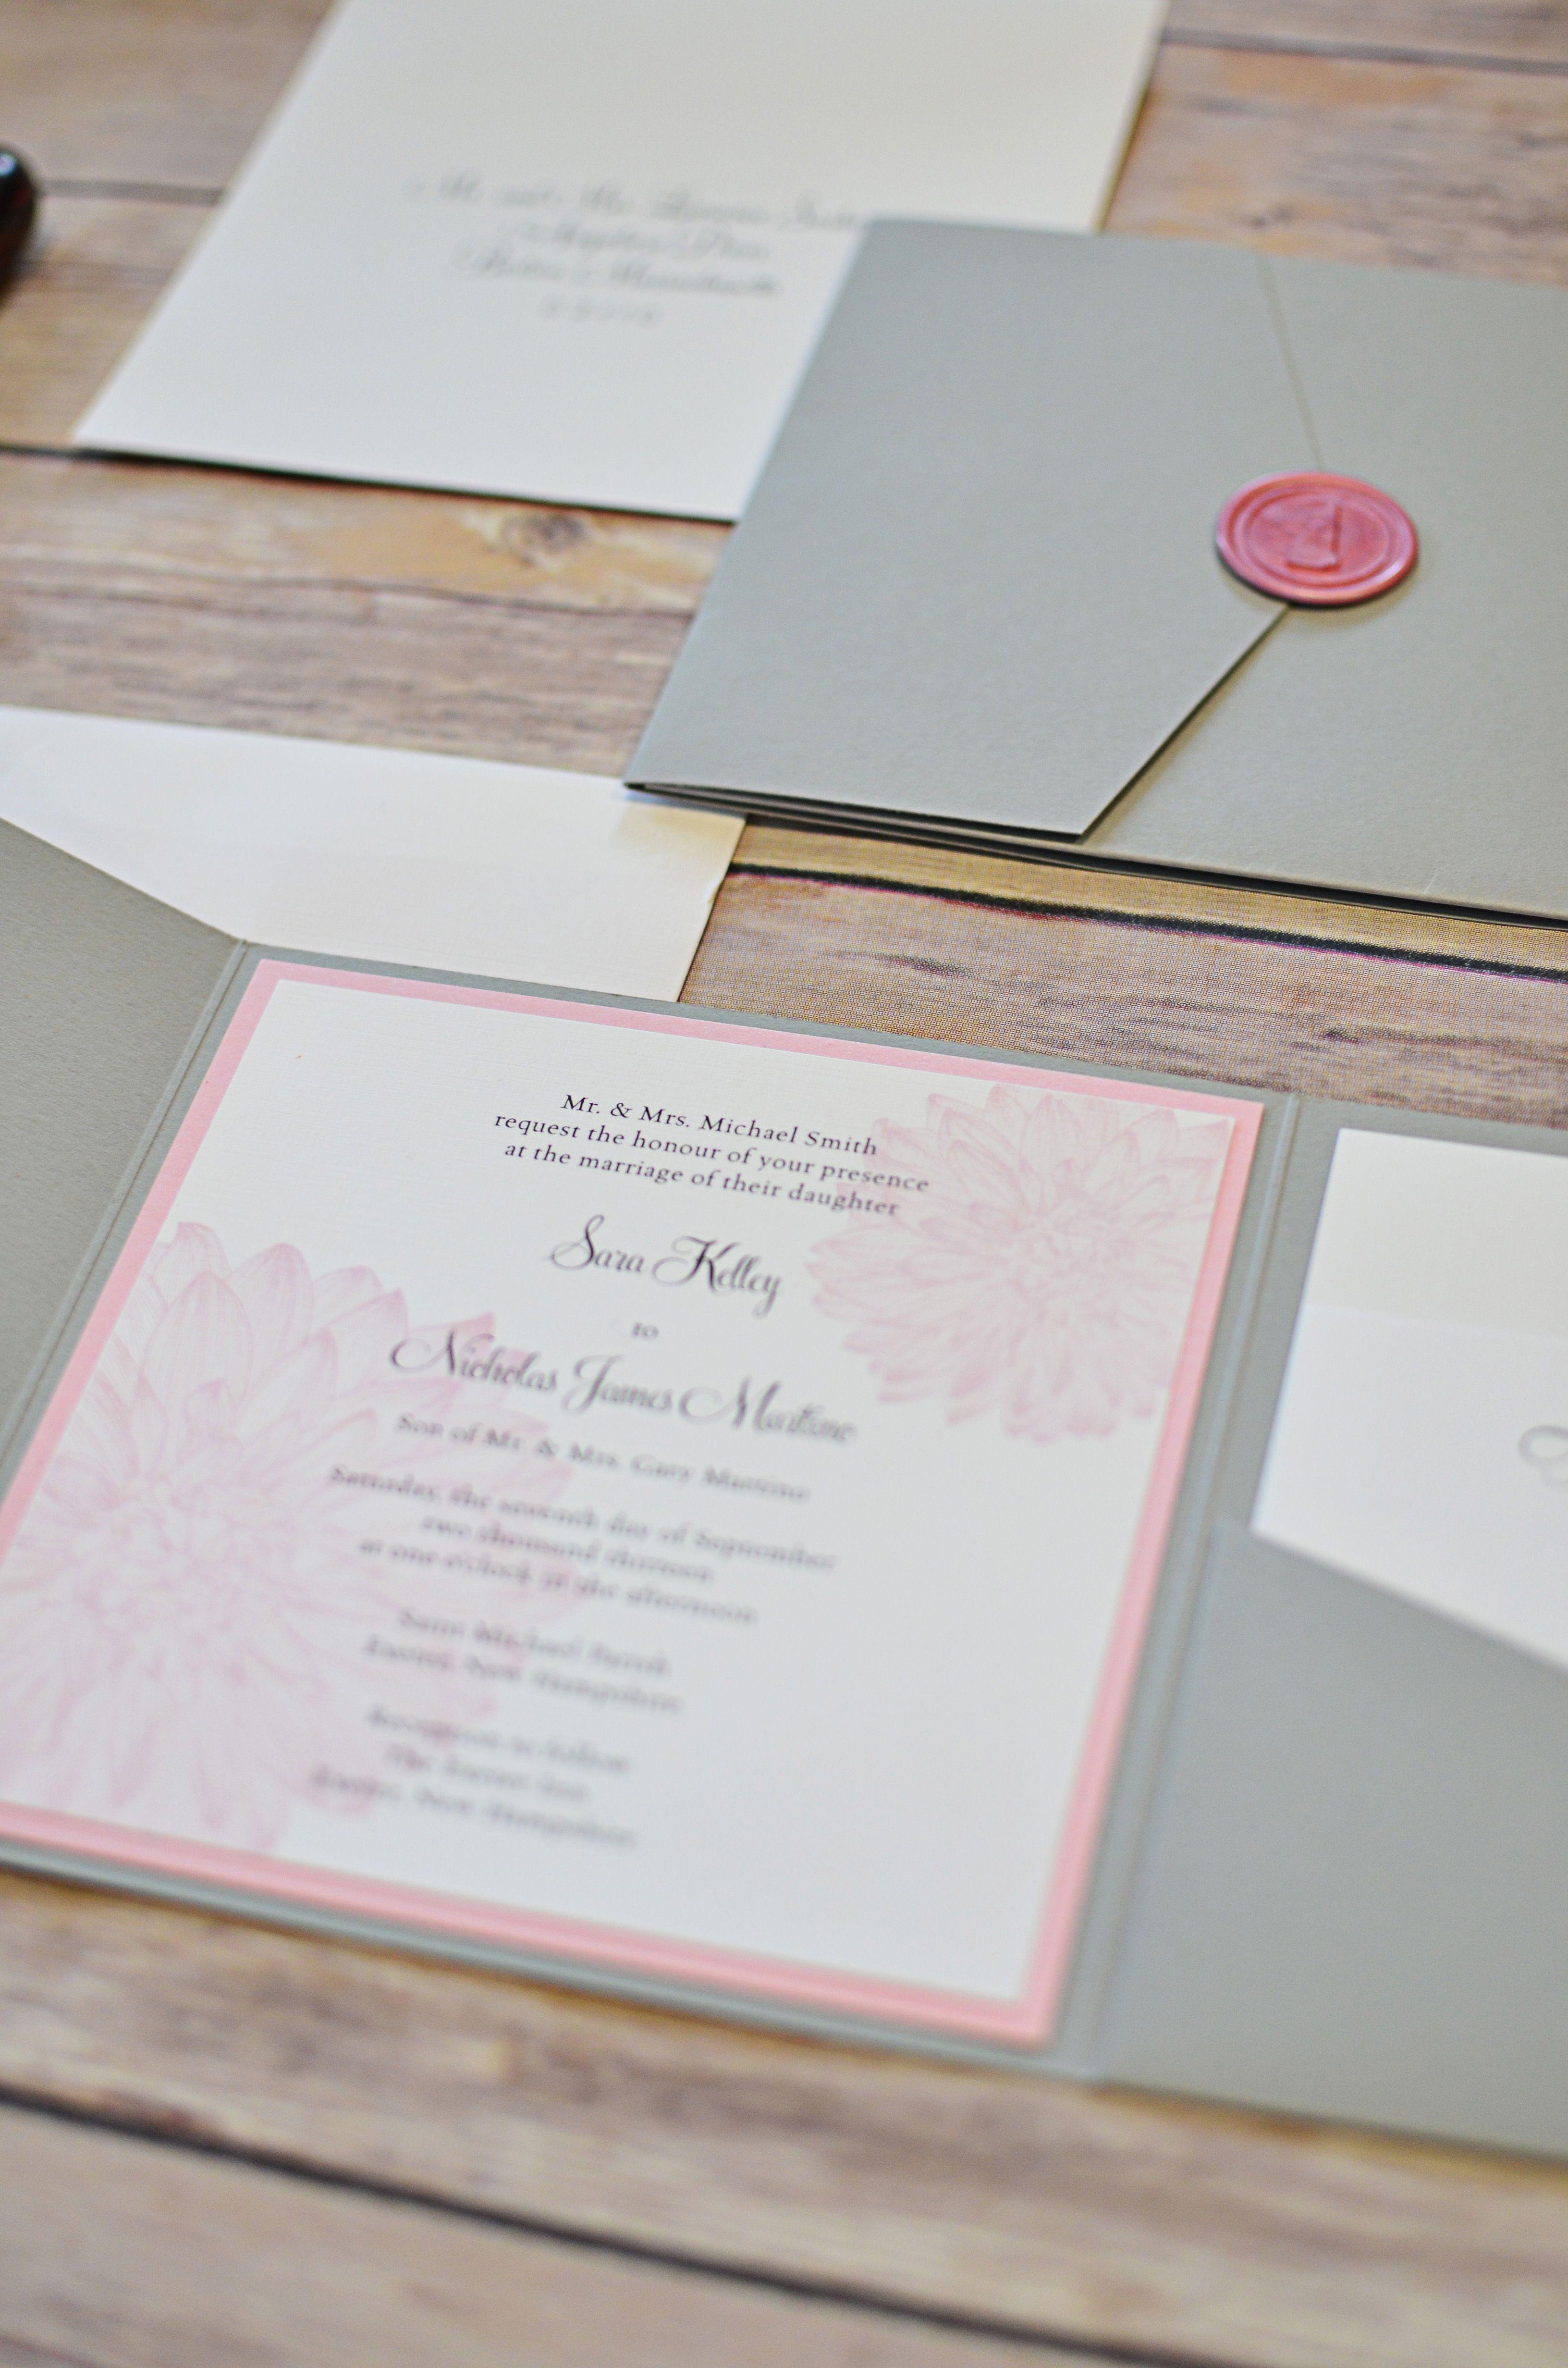 wedding invitation suite done by Invited design studio in NH www.inviteddesignstudio.com